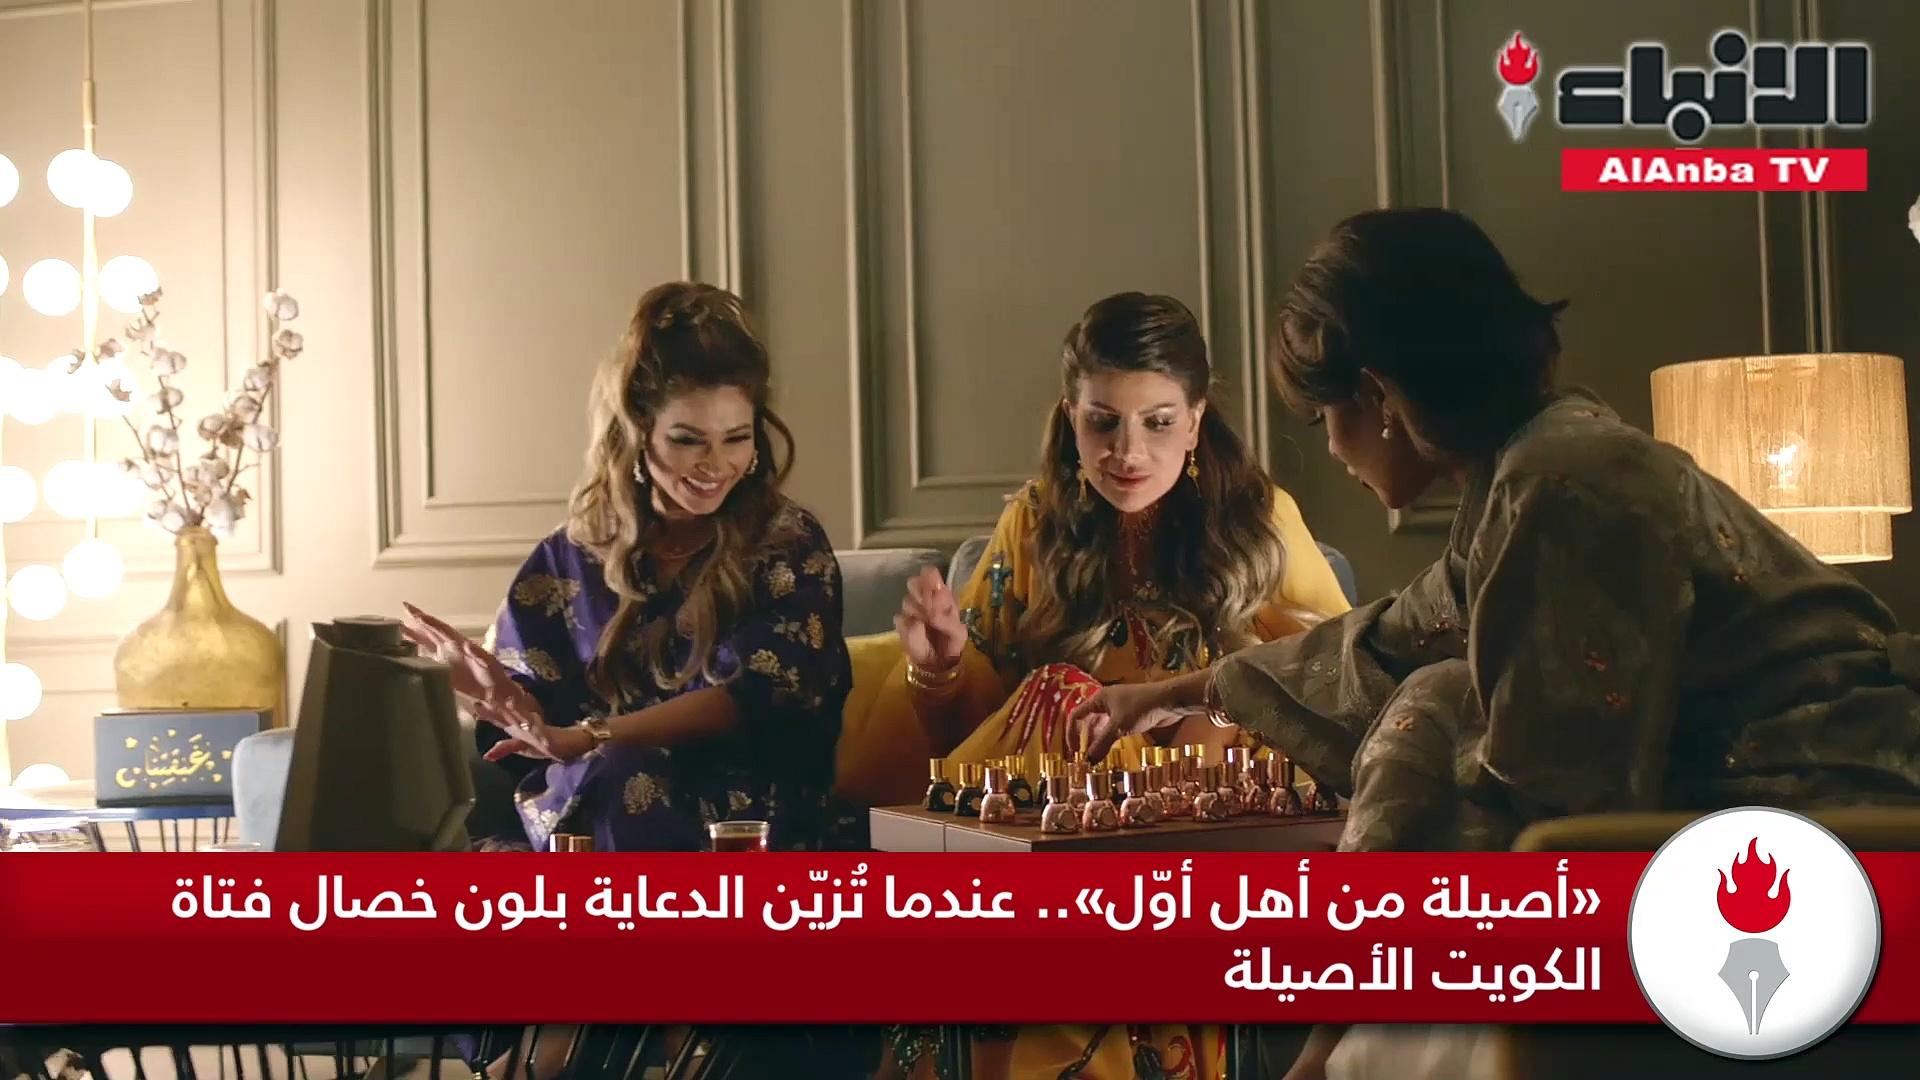 «أصيلة من أهل أوّل».. عندما تُزيّن الدعاية بلون خصال فتاة الكويت الأصيلة